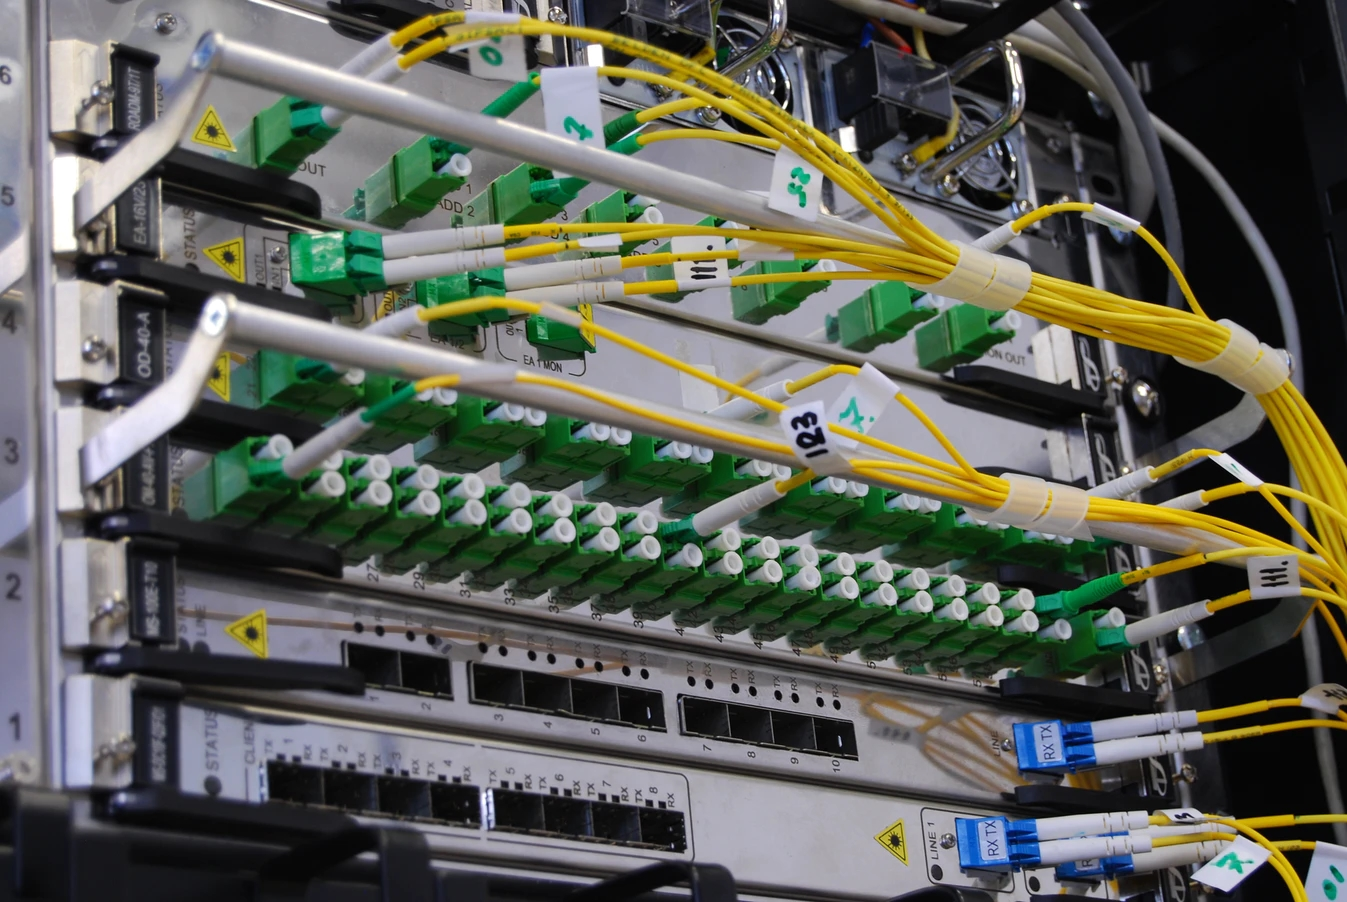 Servidor com cabos ligados